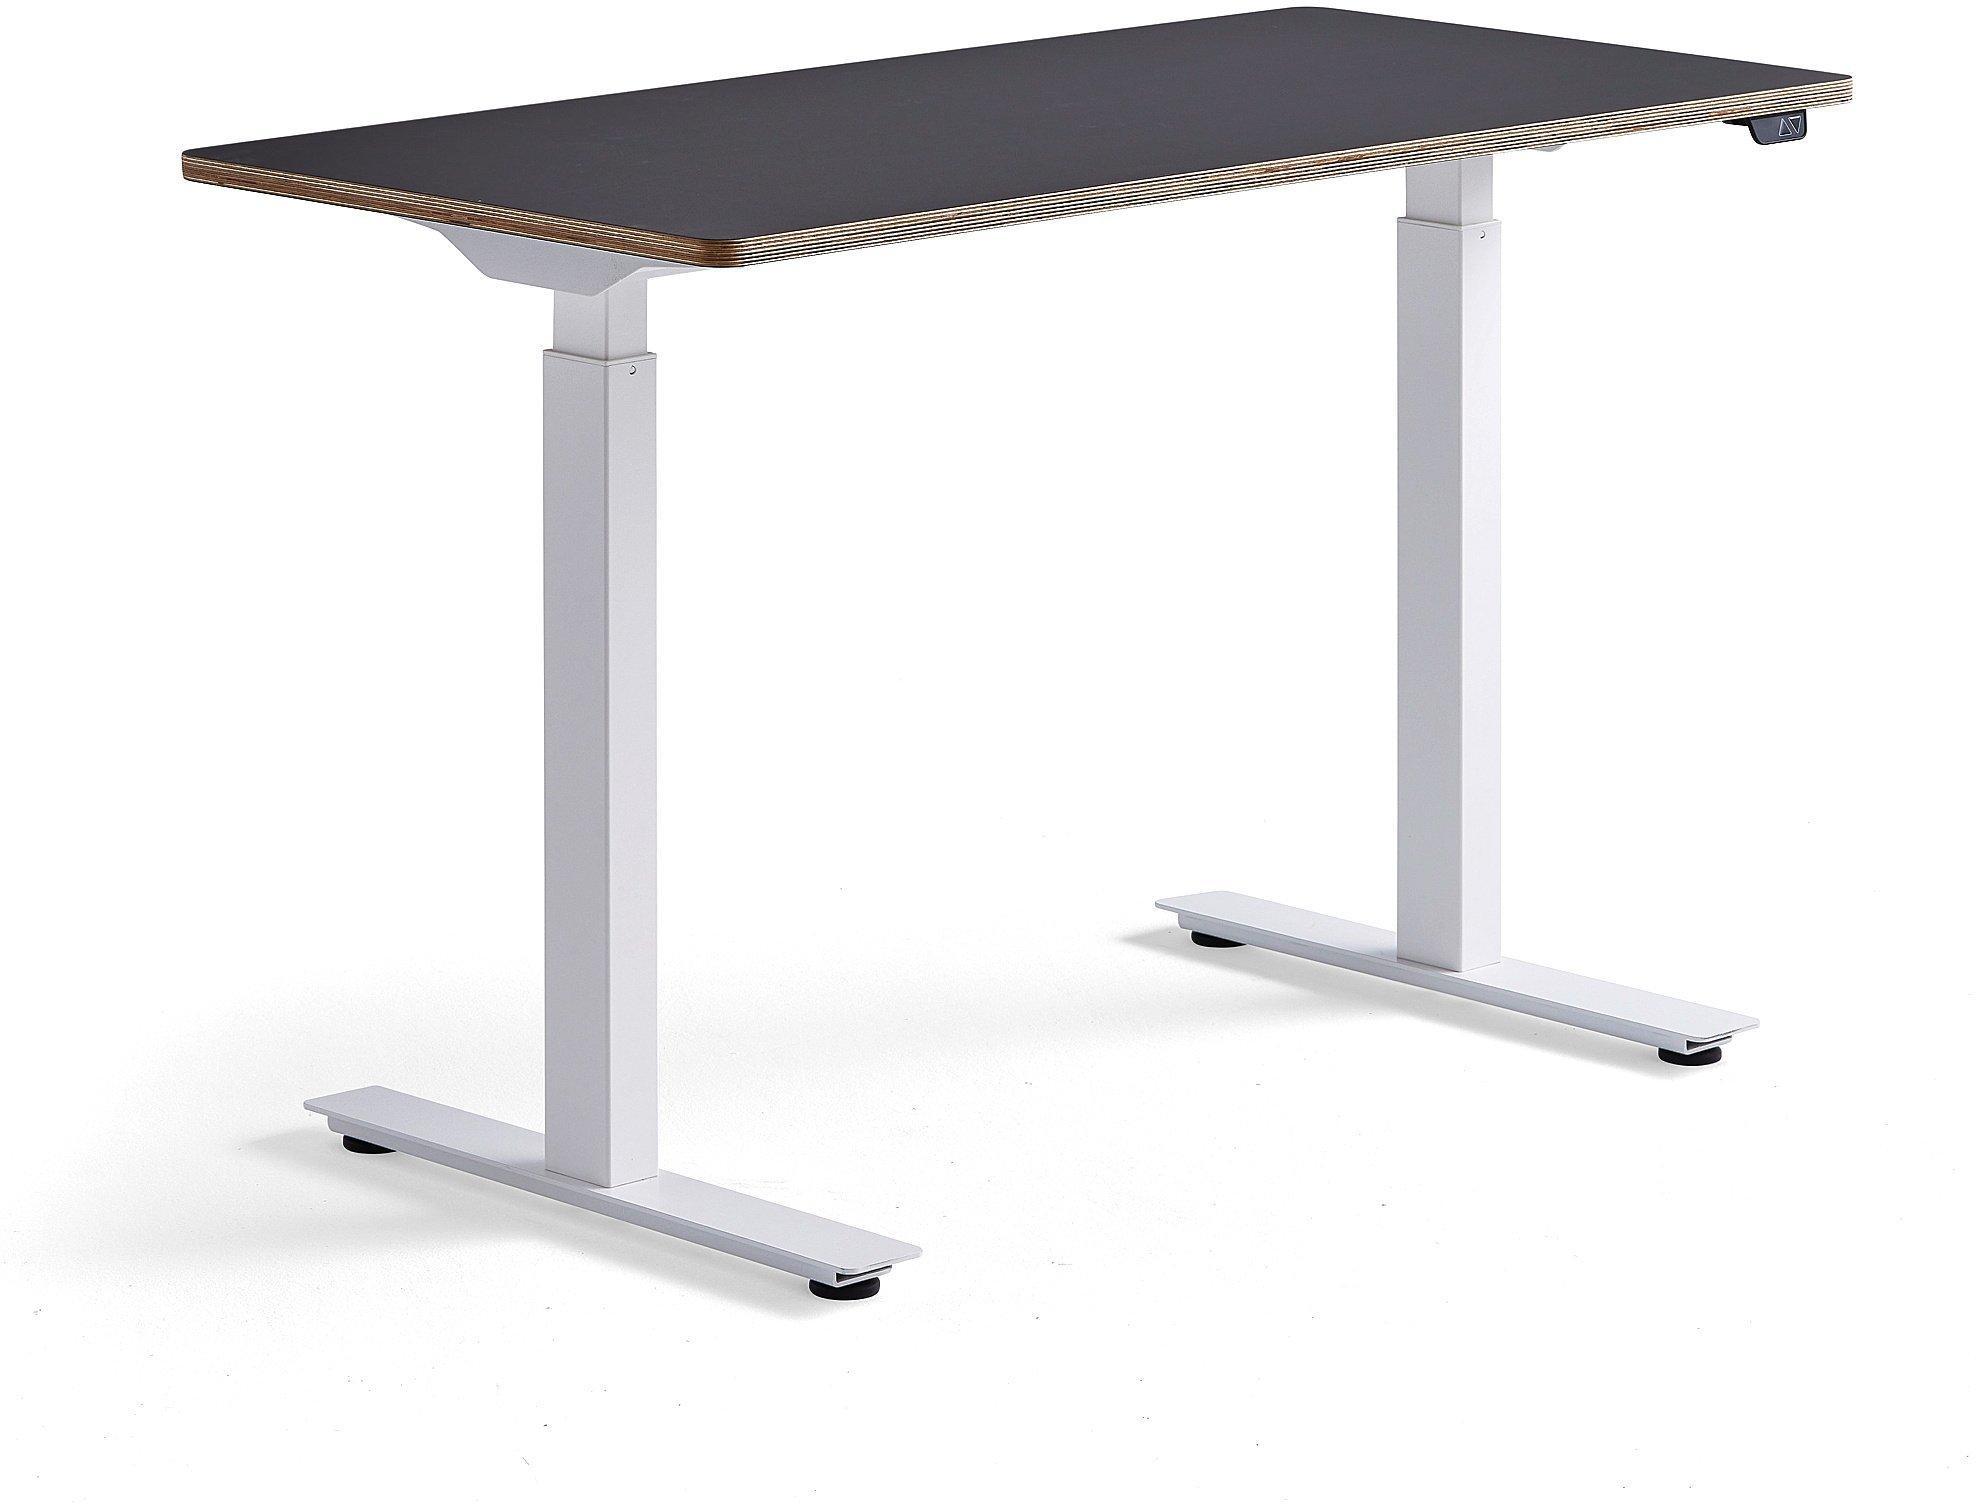 Výškovo nastaviteľný stôl Novus, 1200x600 mm, biely rám, čierna doska